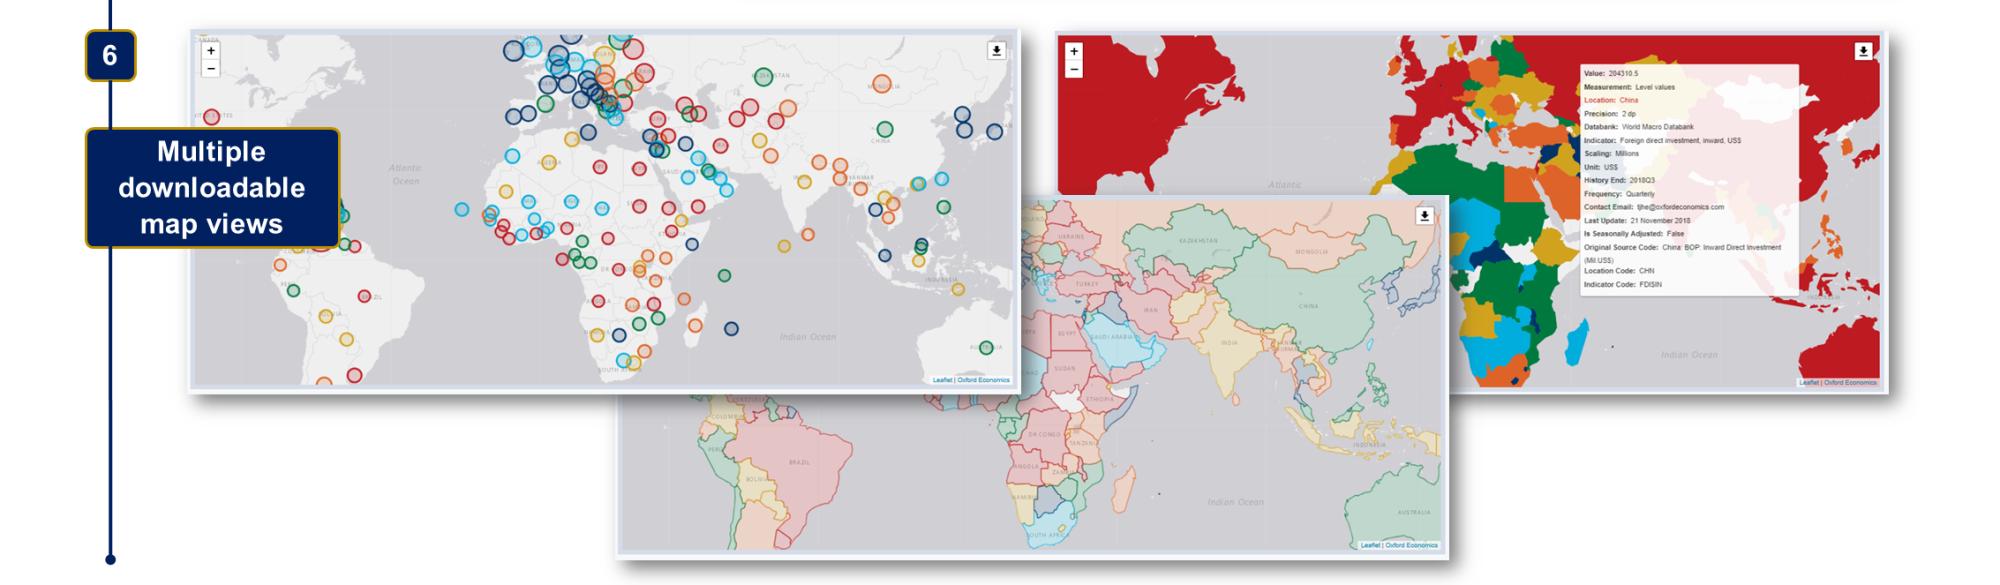 global-data-workstation-step6